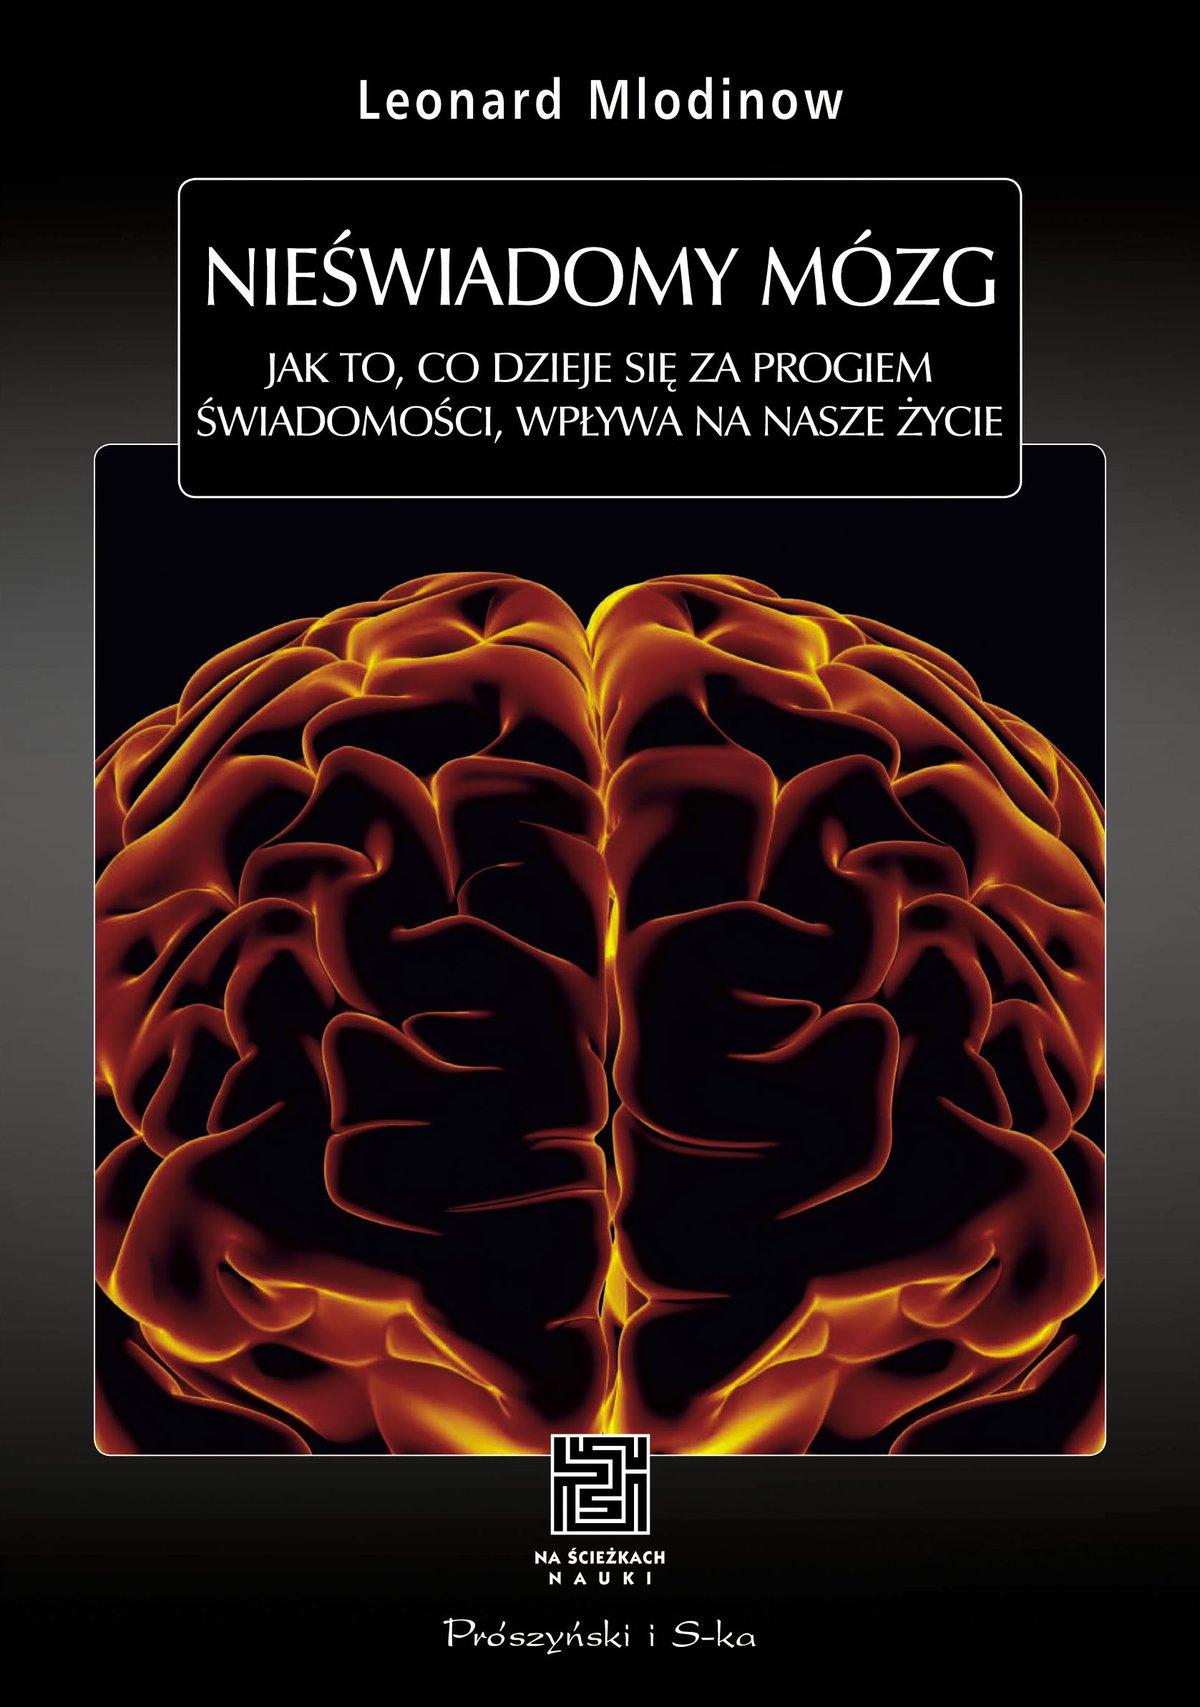 Nieświadomy mózg - Ebook (Książka na Kindle) do pobrania w formacie MOBI